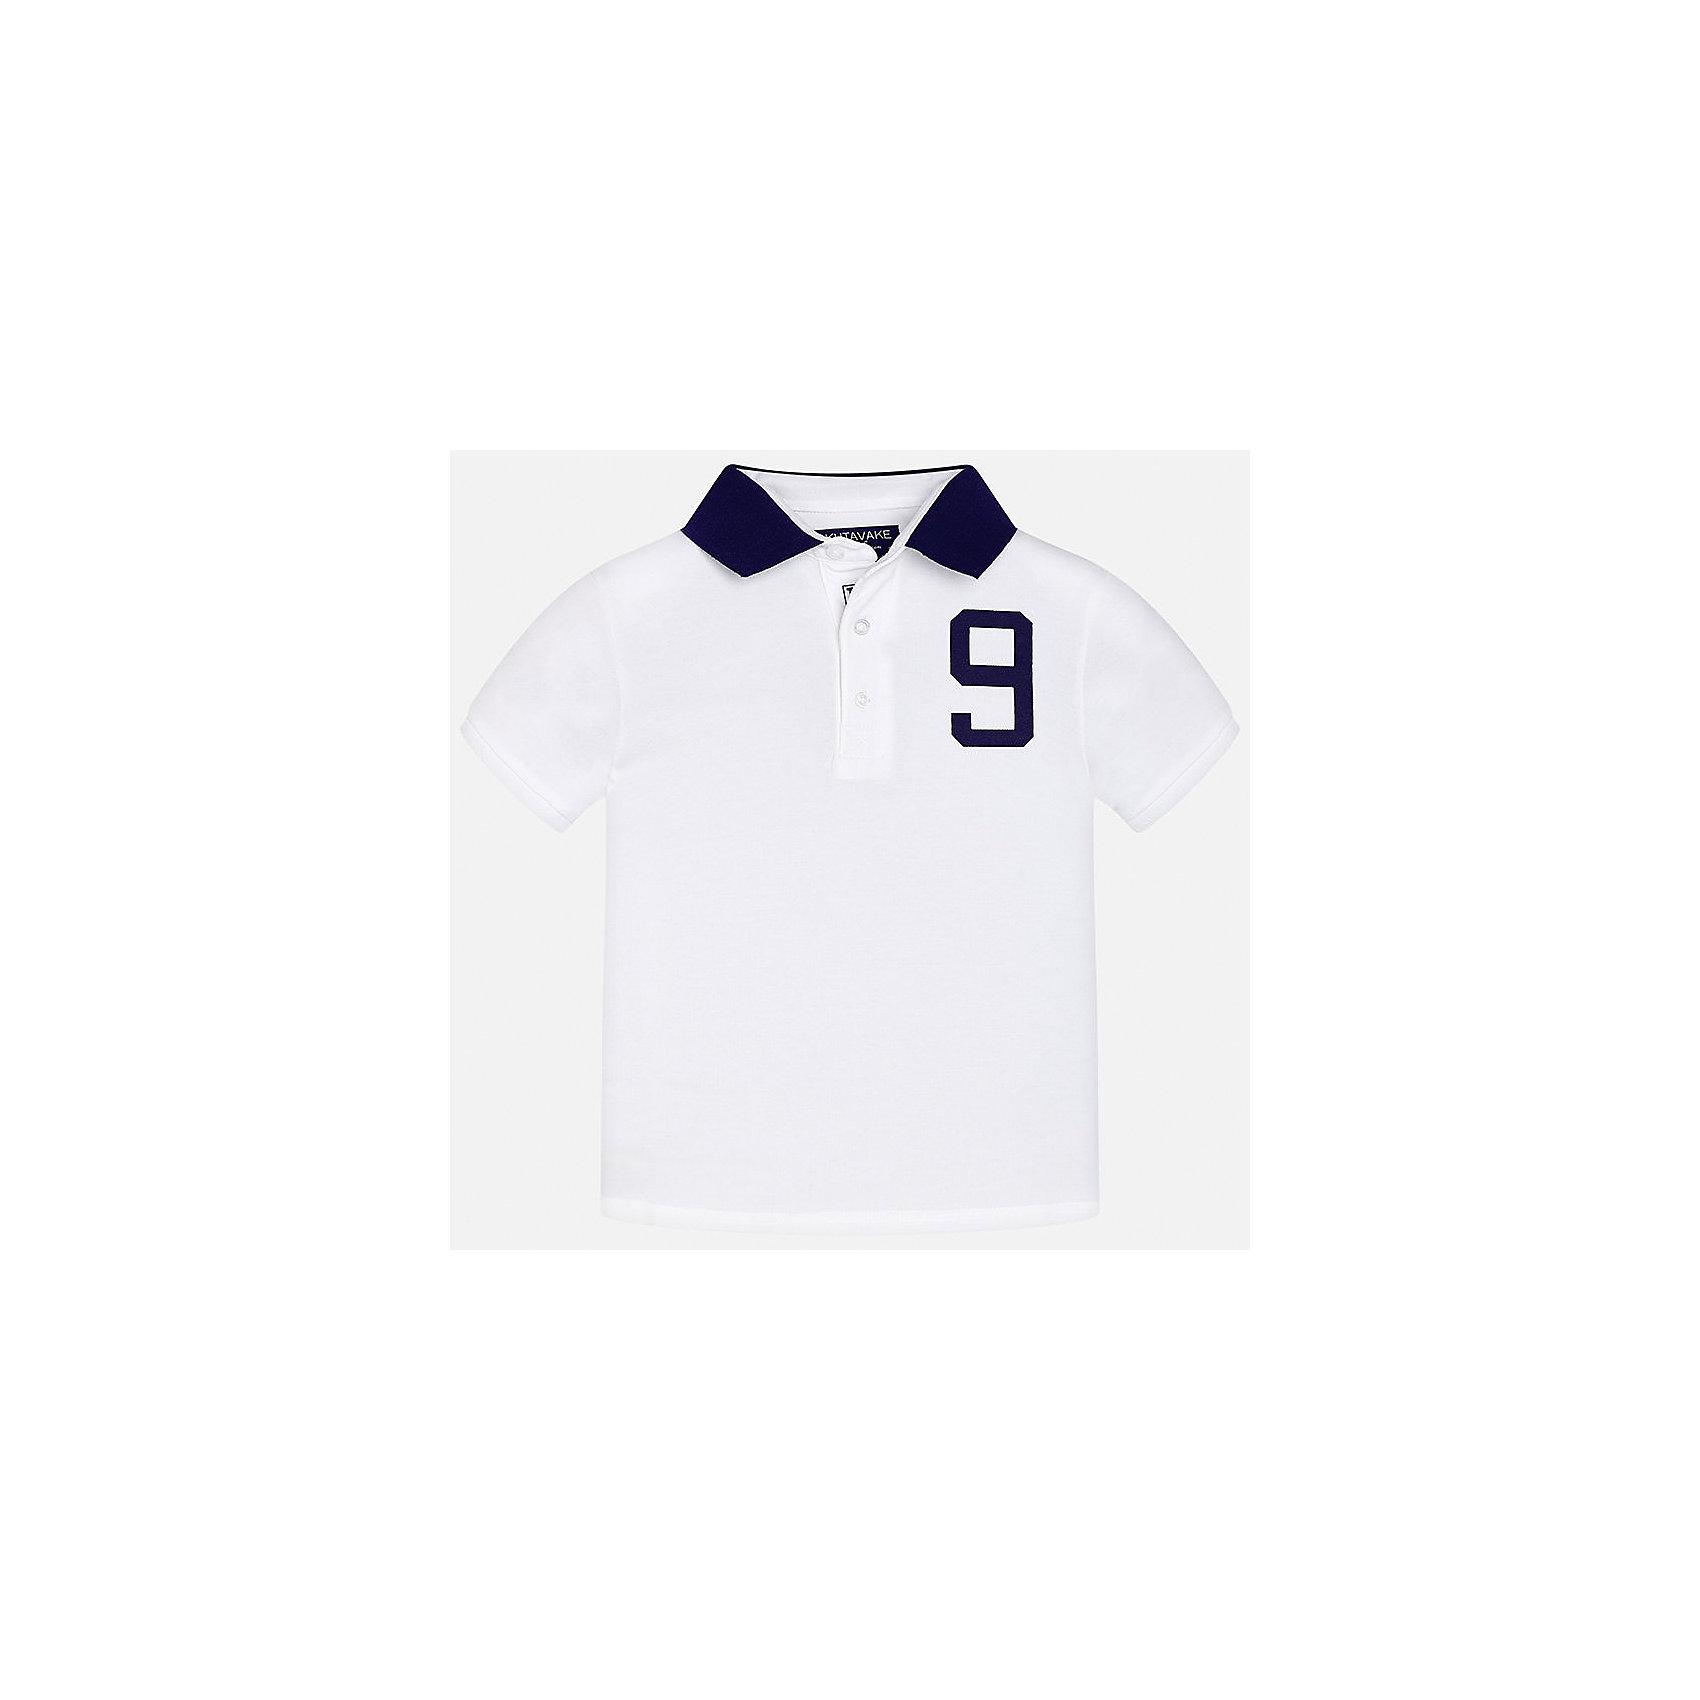 Футболка-поло для мальчика MayoralФутболки, поло и топы<br>Характеристики товара:<br><br>• цвет: белый<br>• состав: 95% хлопок, 5% эластан<br>• отложной воротник<br>• декорирована принтом<br>• короткие рукава<br>• застежки: пуговицы<br>• страна бренда: Испания<br><br>Модная футболка-поло поможет разнообразить гардероб мальчика. Она отлично сочетается с брюками, шортами, джинсами. Универсальный крой и цвет позволяет подобрать к вещи низ разных расцветок. Практичное и стильное изделие! Хорошо смотрится и комфортно сидит на детях. В составе материала - только натуральный хлопок, гипоаллергенный, приятный на ощупь, дышащий. <br><br>Одежда, обувь и аксессуары от испанского бренда Mayoral полюбились детям и взрослым по всему миру. Модели этой марки - стильные и удобные. Для их производства используются только безопасные, качественные материалы и фурнитура. Порадуйте ребенка модными и красивыми вещами от Mayoral! <br><br>Футболку-поло для мальчика от испанского бренда Mayoral (Майорал) можно купить в нашем интернет-магазине.<br><br>Ширина мм: 199<br>Глубина мм: 10<br>Высота мм: 161<br>Вес г: 151<br>Цвет: белый<br>Возраст от месяцев: 96<br>Возраст до месяцев: 108<br>Пол: Мужской<br>Возраст: Детский<br>Размер: 140,128/134,164,170,158,152<br>SKU: 5281554